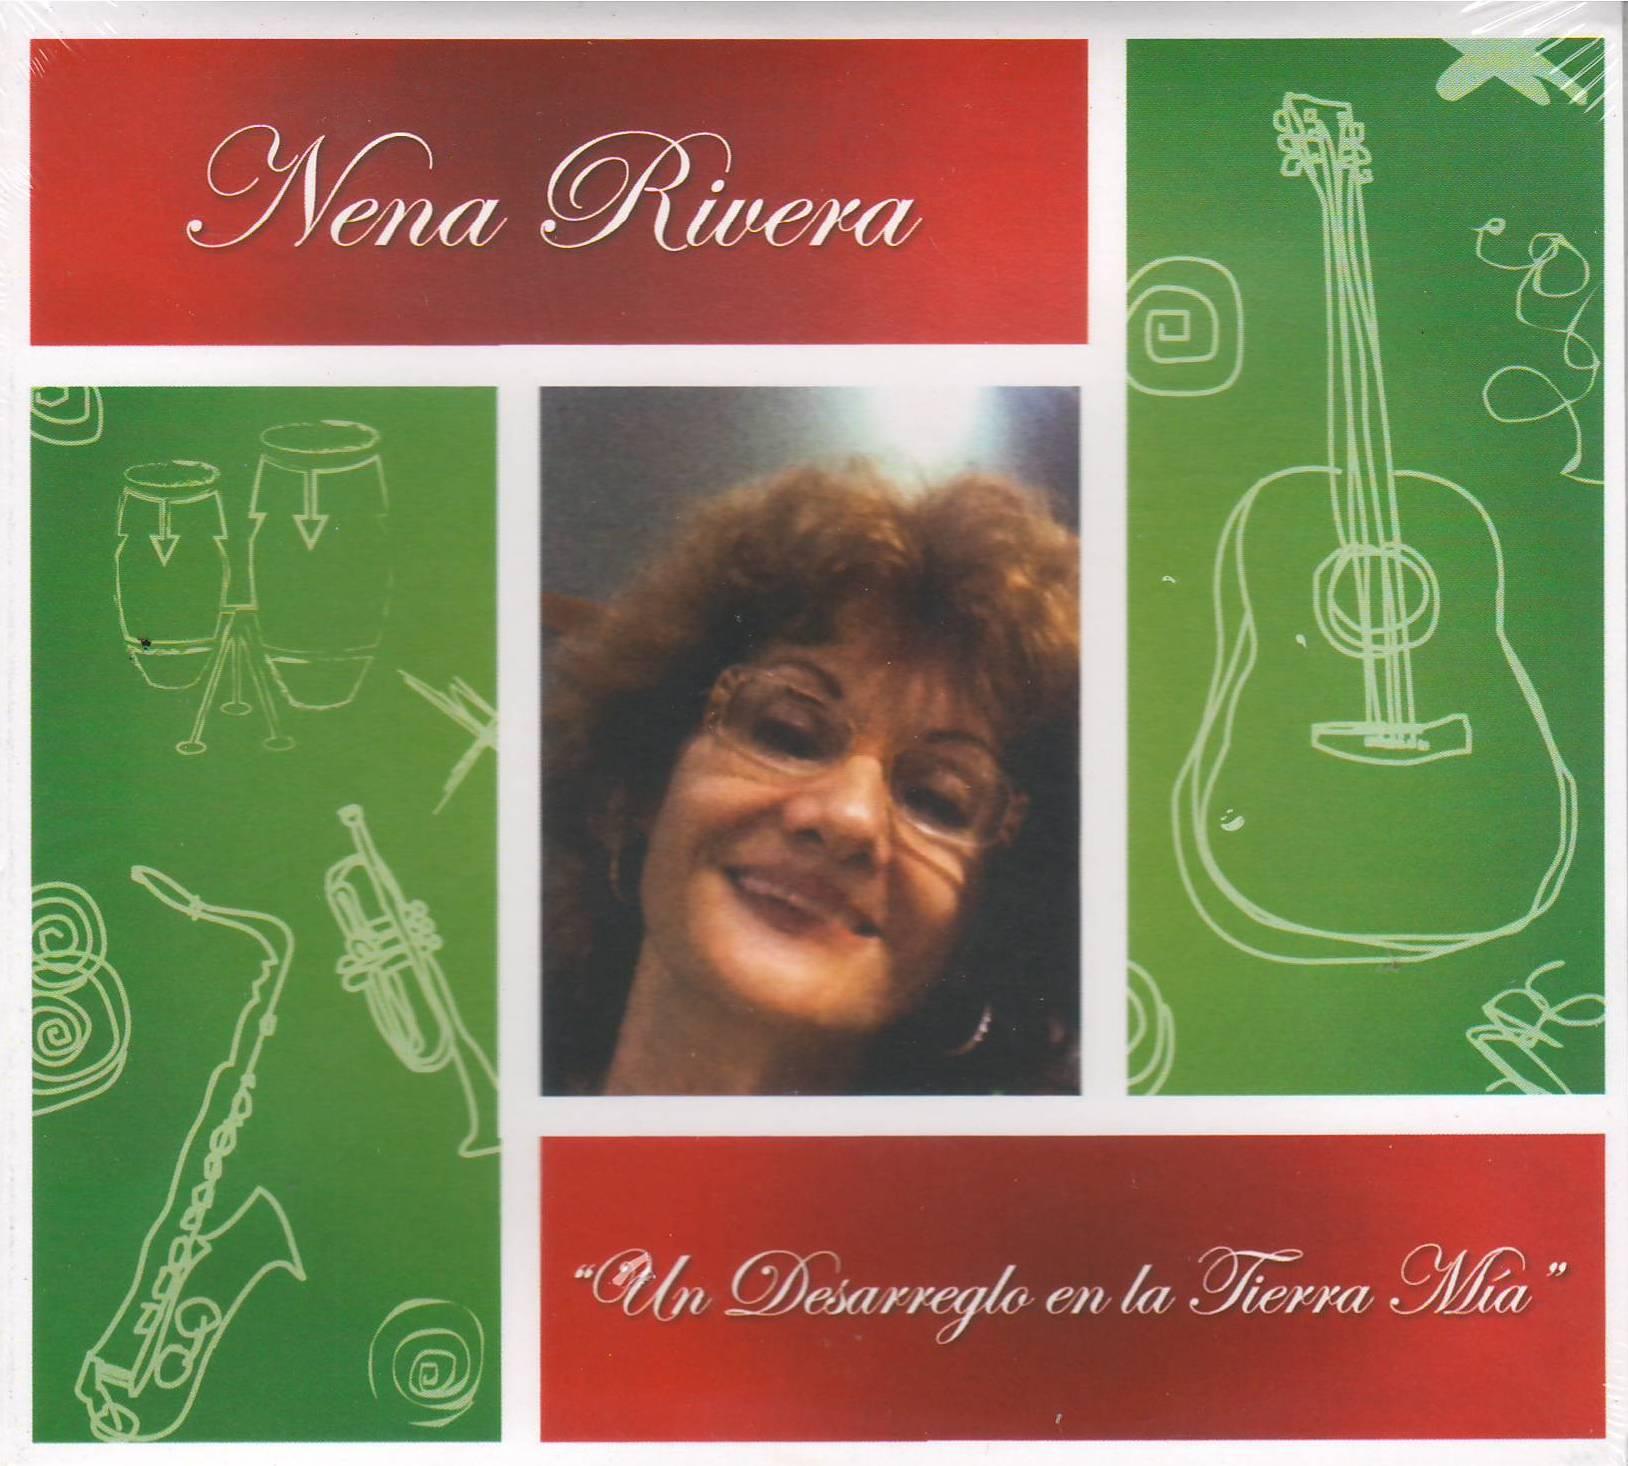 """Carátula del; disco """"Un desarreglo en la tioerra mía"""" de Nena Rivera. (archivo Fundación Nacional para la Cultura Popular)"""